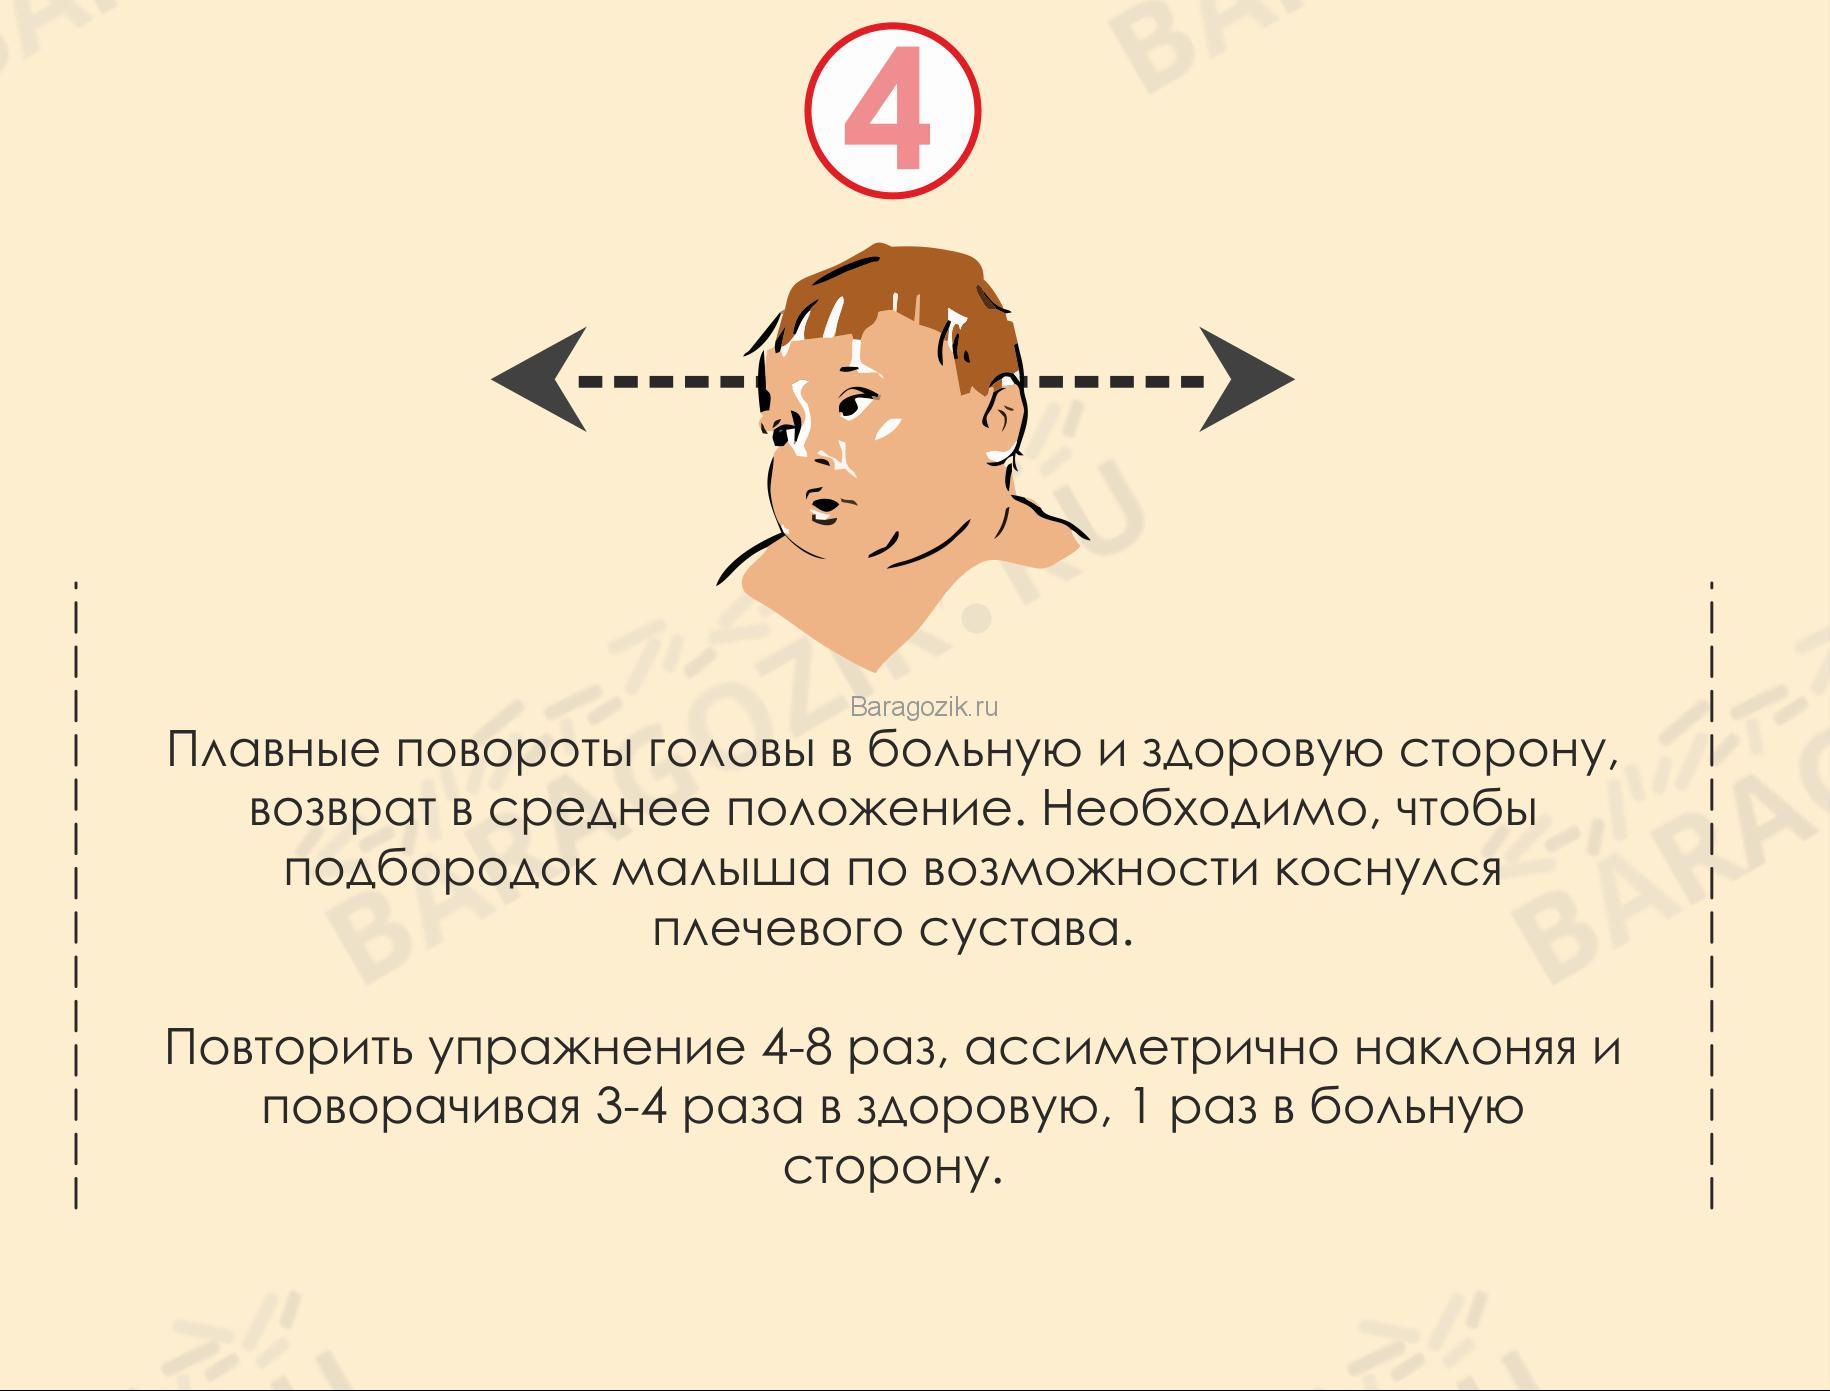 Кривошея у ребенка - упражнение 4